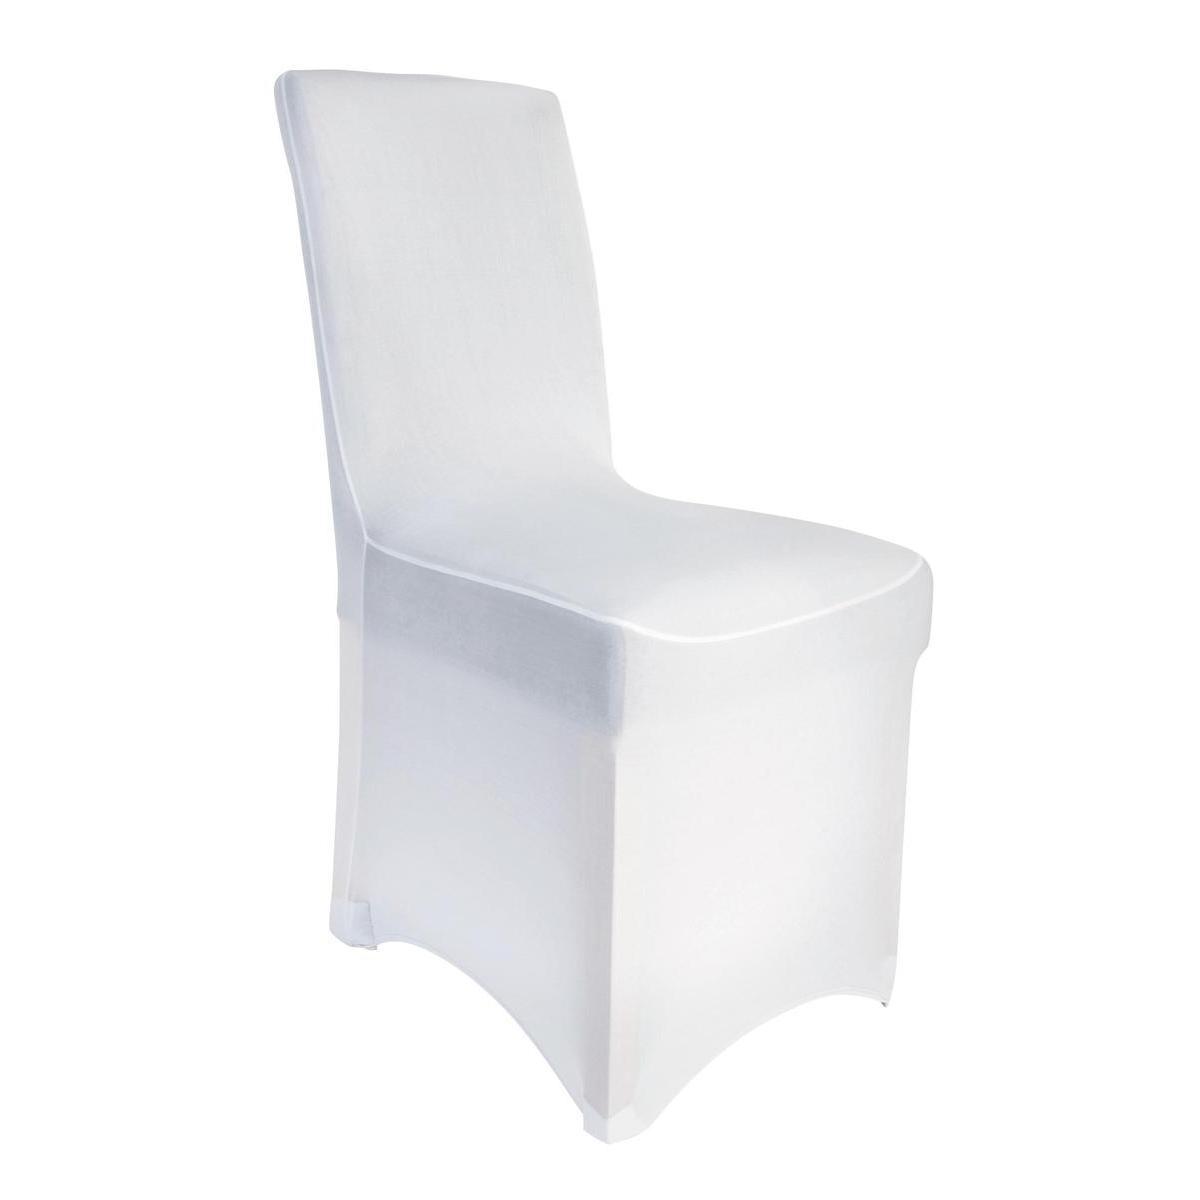 Housse de chaise extensible - Blanc - Housse de chaise  La Foir